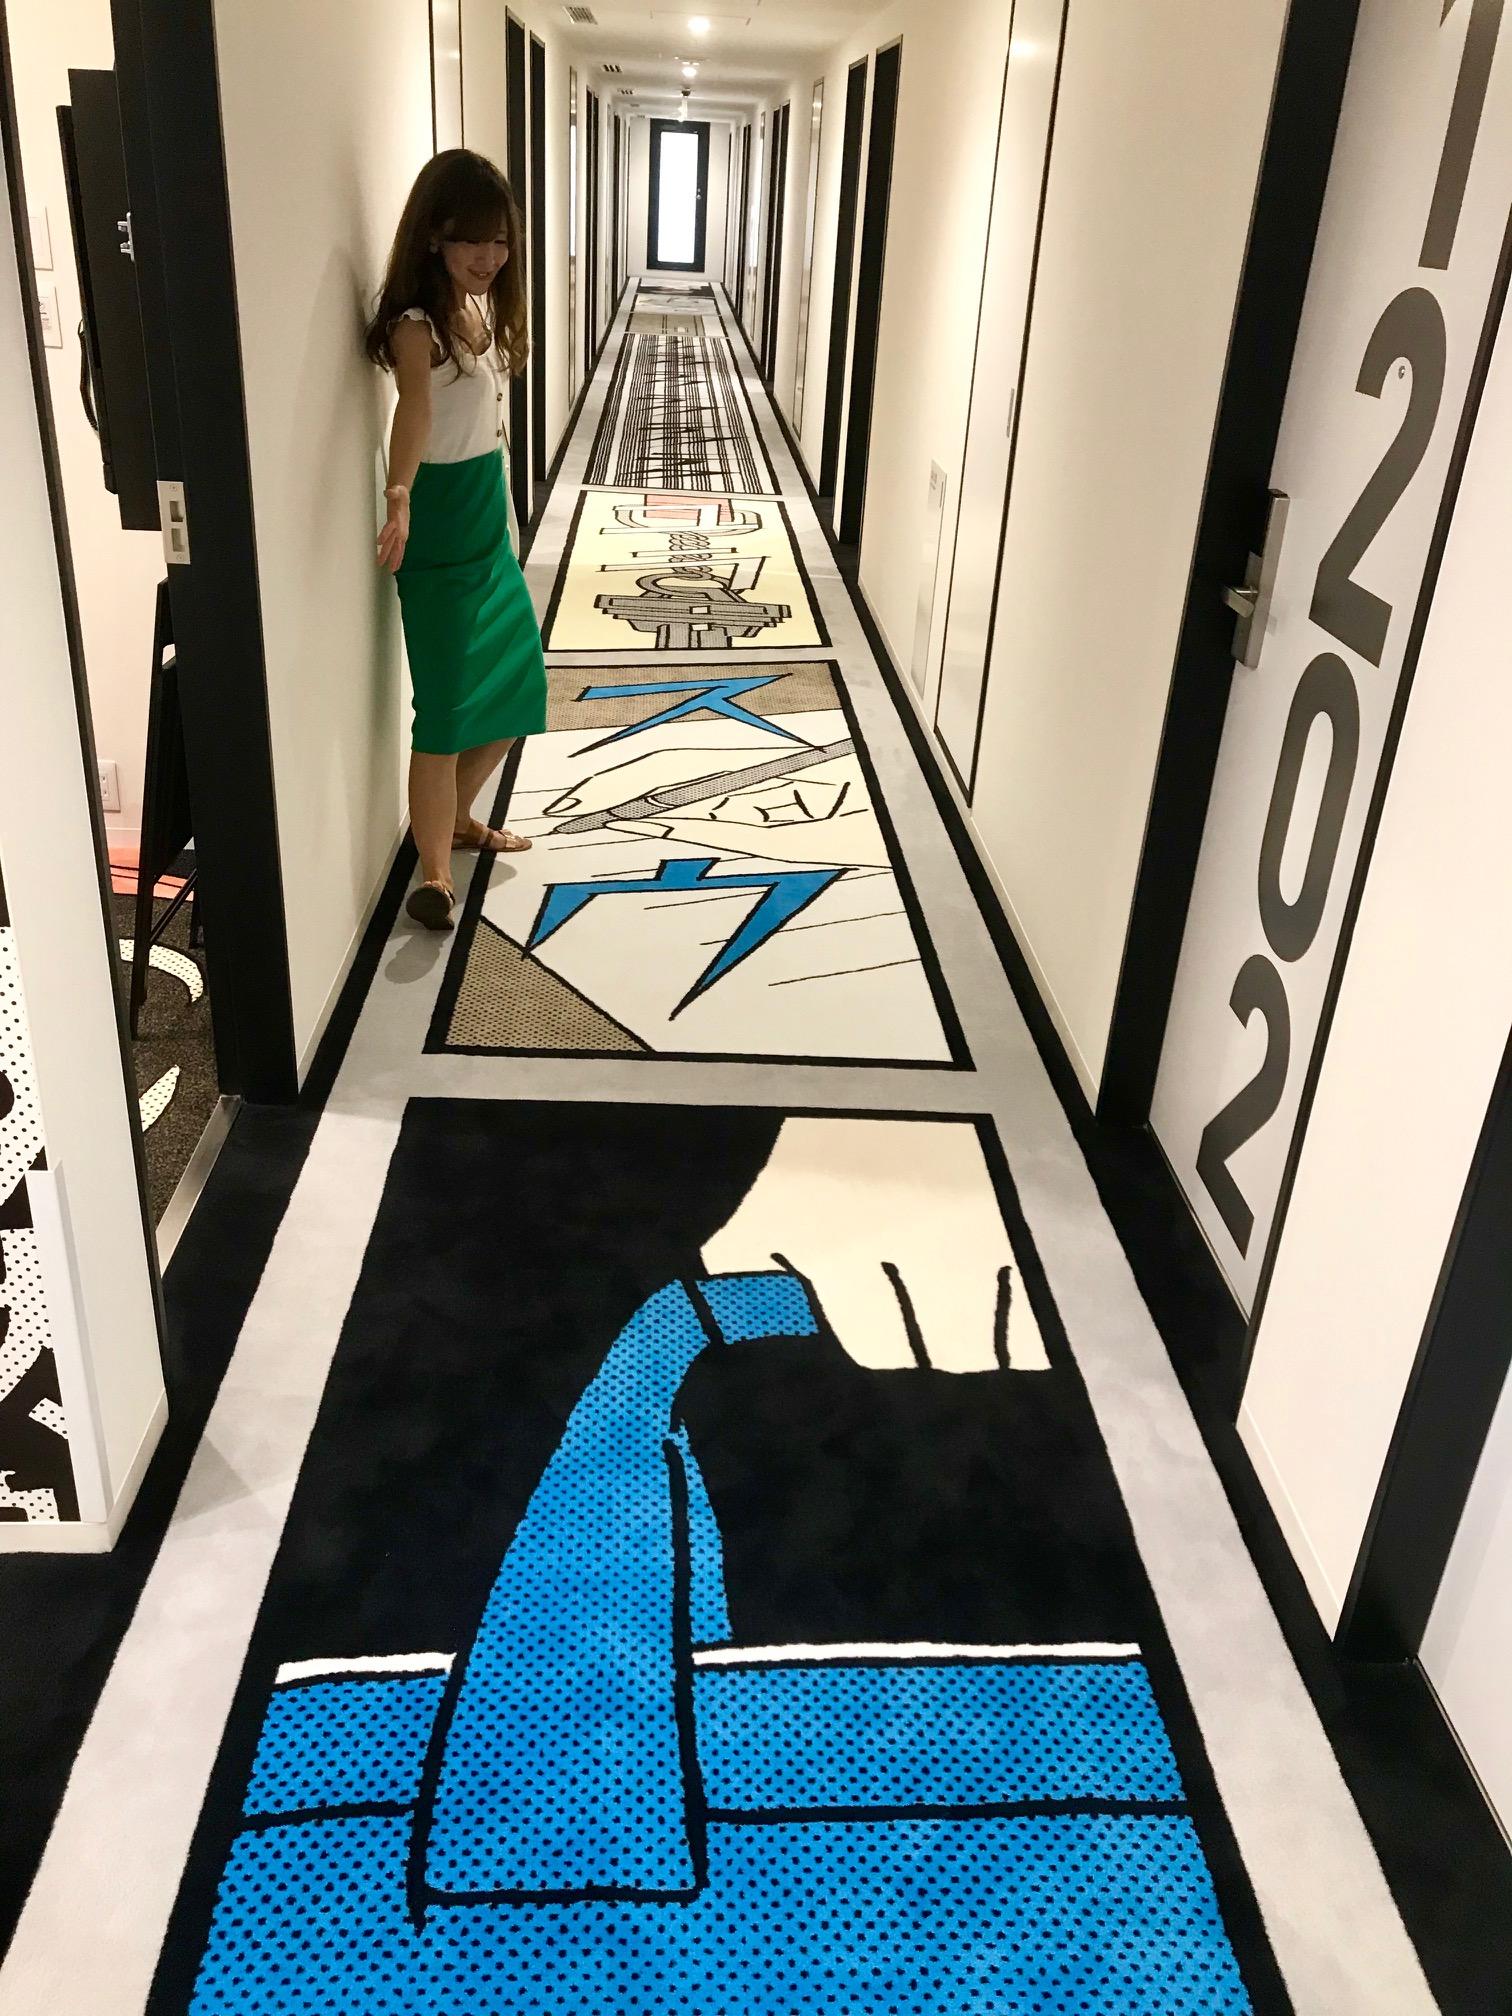 東京・浜松町に新ホテル「HOTEL TAVINOS Hamamatsucho」がオープン!マンガをコンセプトにした、交通アクセス抜群のユニークホテル_11